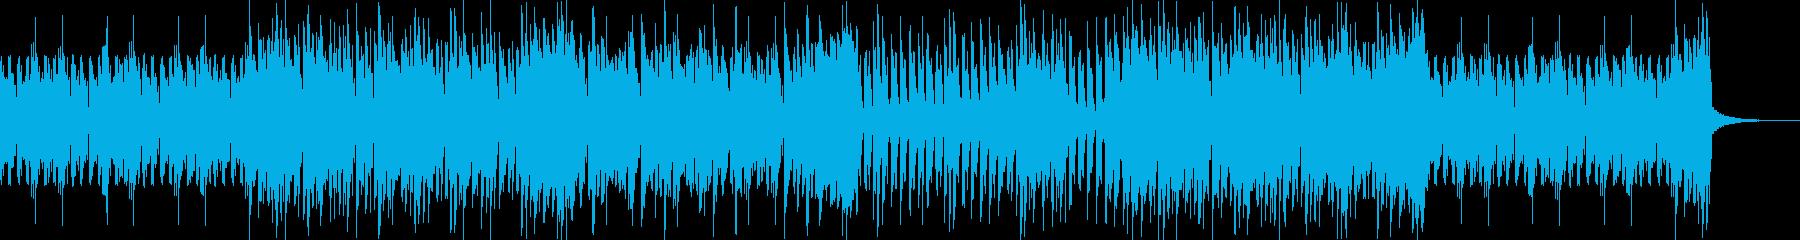 忍者チェイス疾走感のある三味線エレクトロの再生済みの波形